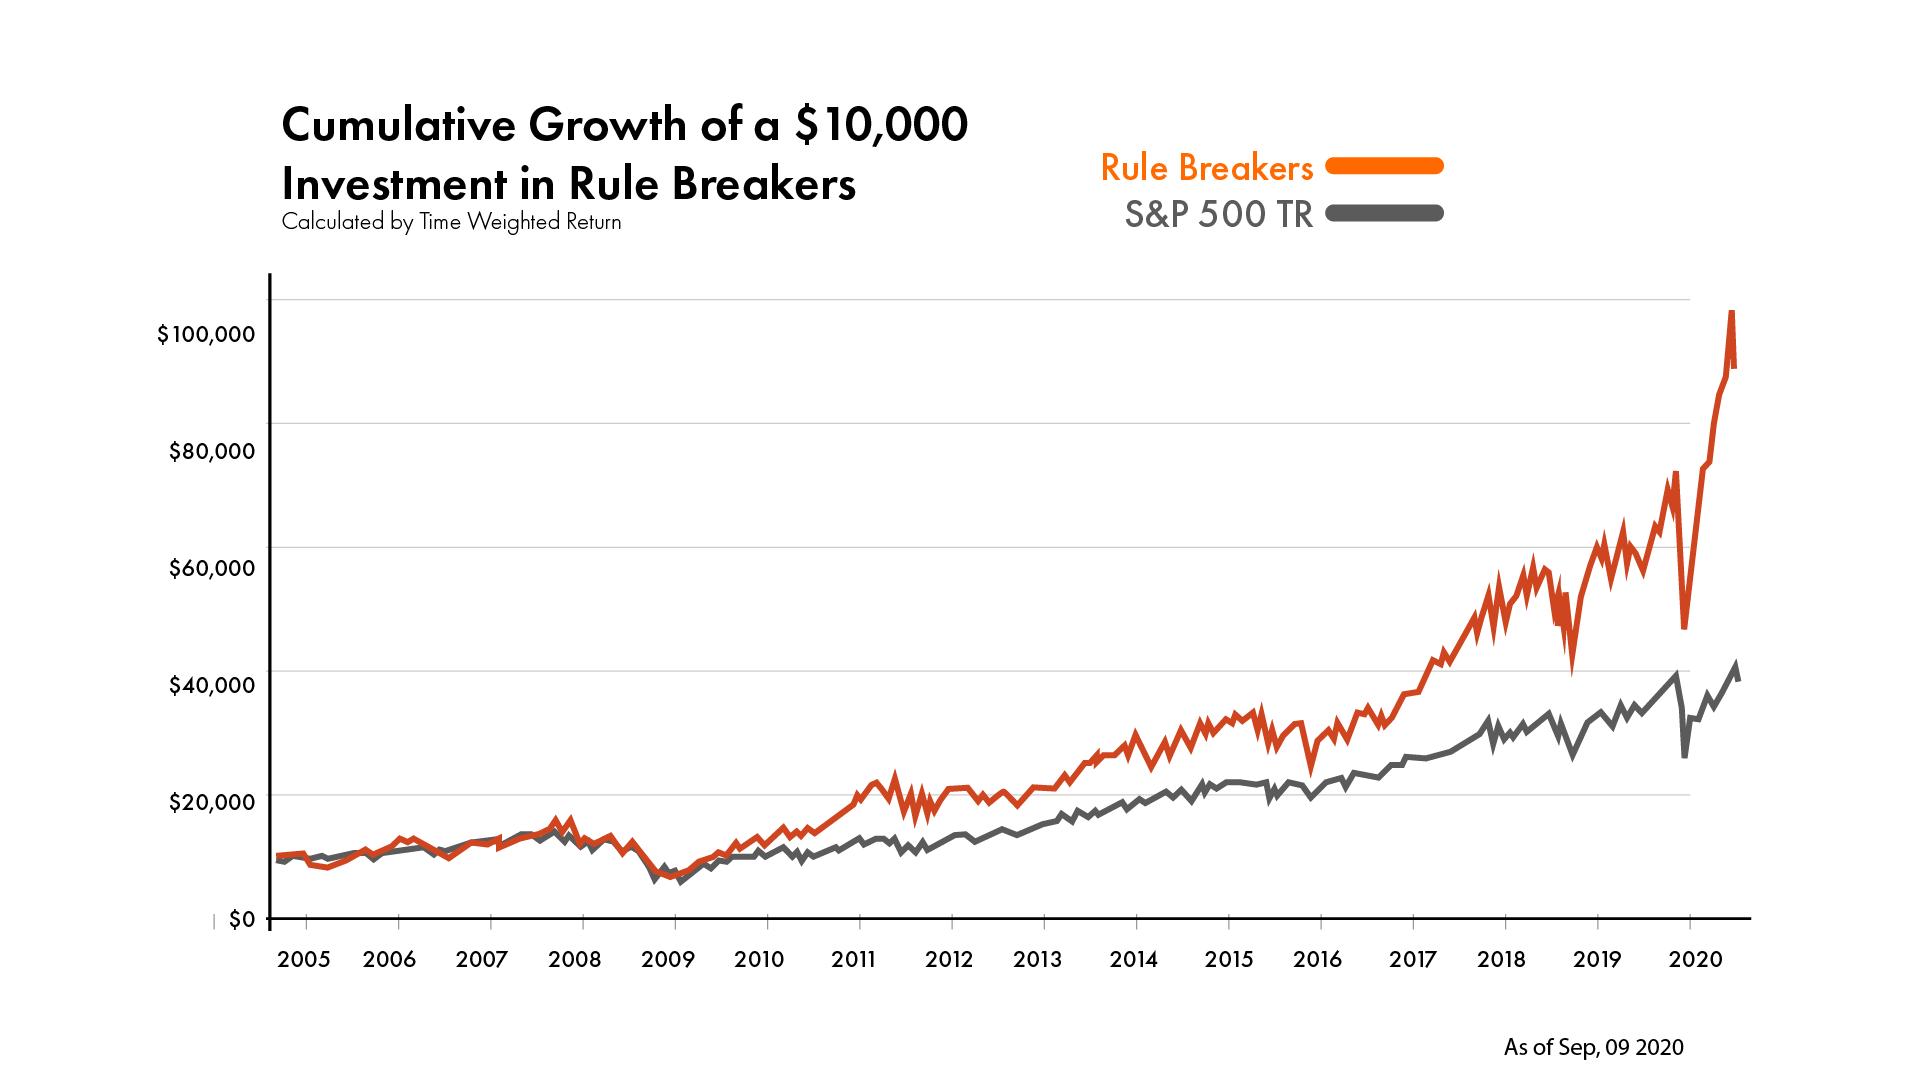 Rule Breakers Peformance